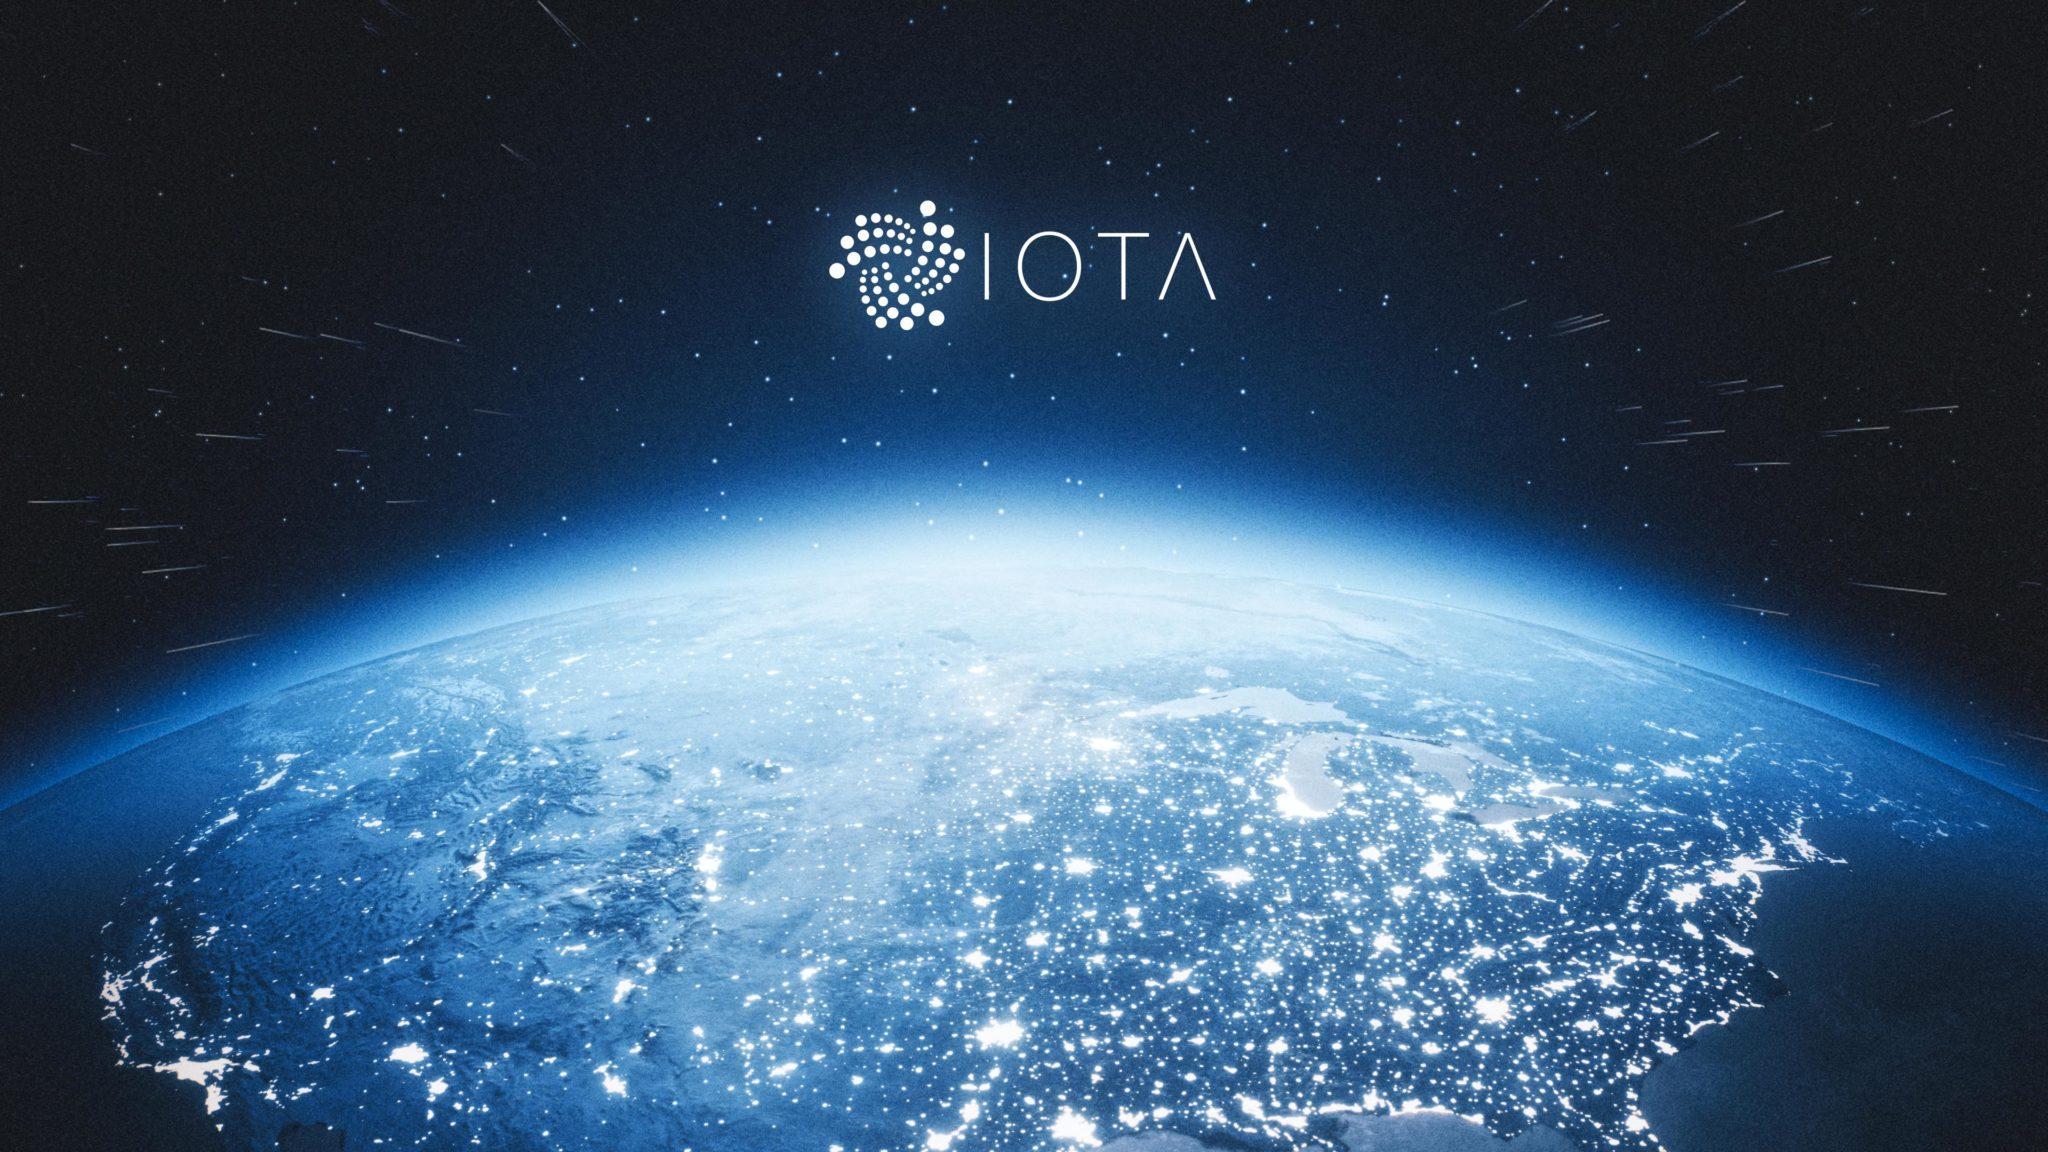 Technikai elemzés: Vége lesz-e valaha az IOTA zuhanásának?